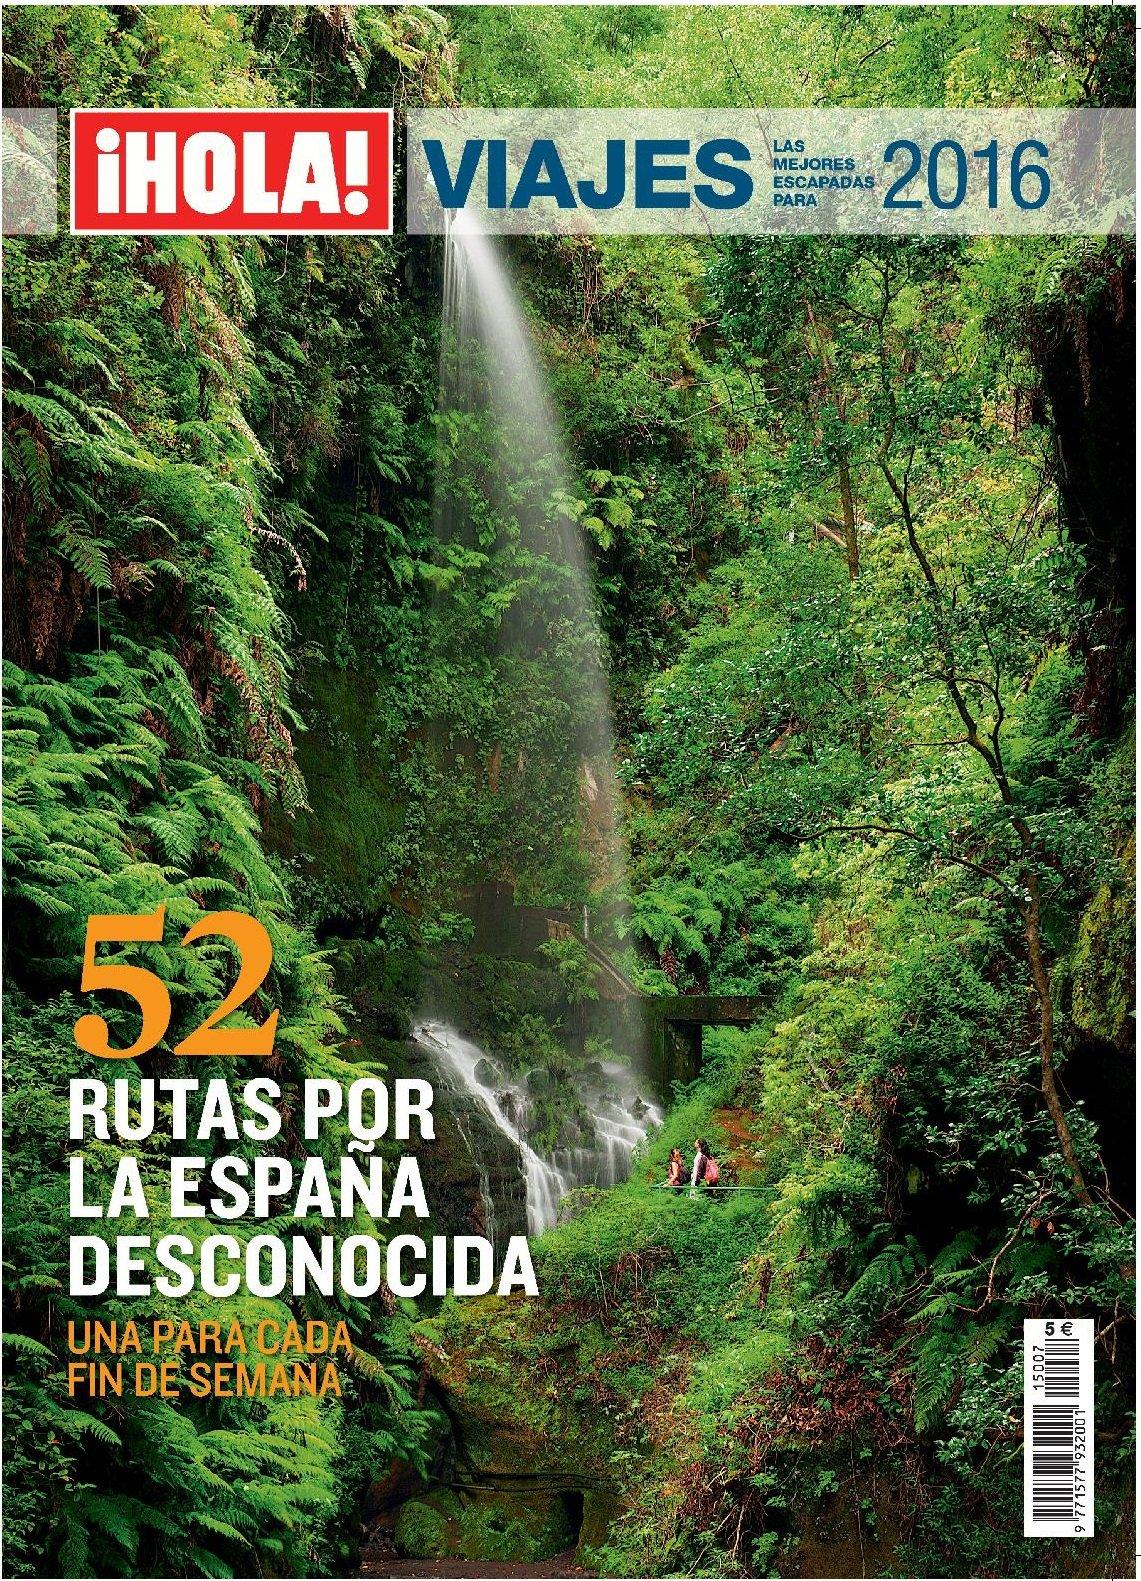 Hola! Viajes por España. 52 rutas por la España desconocida, una para fin de semana: Amazon.es: Grupo Hola, Grupo Hola: Libros